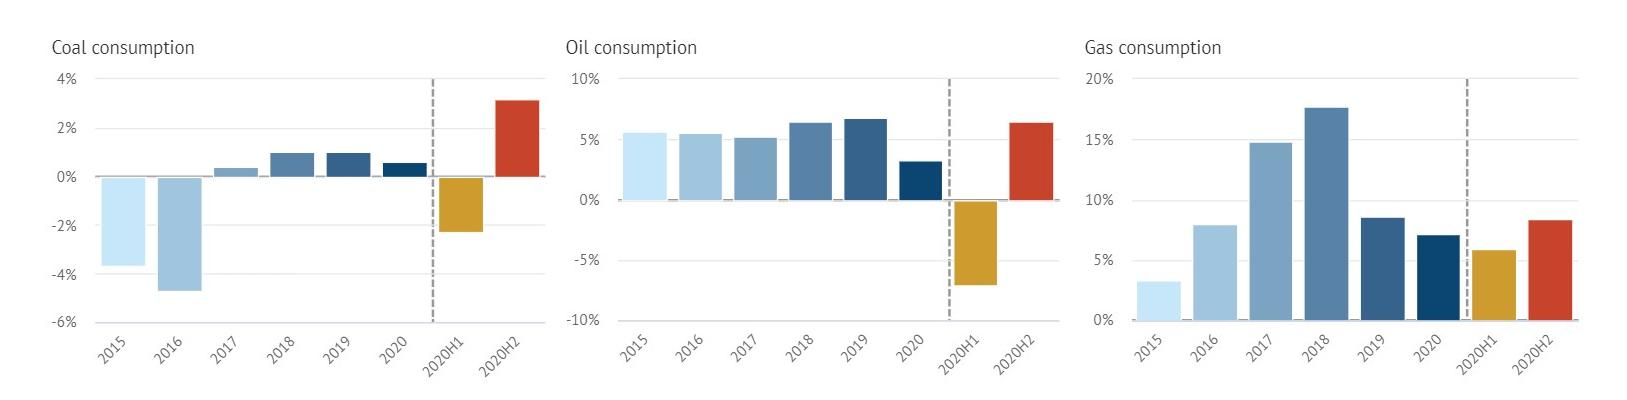 Špinavý restart čínské ekonomiky lze vyčíst ztamního prudkého nárůstu spotřeby fosilních zdrojů. Zleva uhlí, ropa aplyn. Zatímco modrošedé odstíny vlevé části grafů ukazují meziroční trendy, zekterých rok 2020 nevychází až tak špatně, důležitá ječást zapřerušovanou čarou. Loňský vývoj jevní rozdělen napololetí, oranžový sloupec zastupuje první polovinu roku ačervený tudruhou. Grafika Carbon Brief